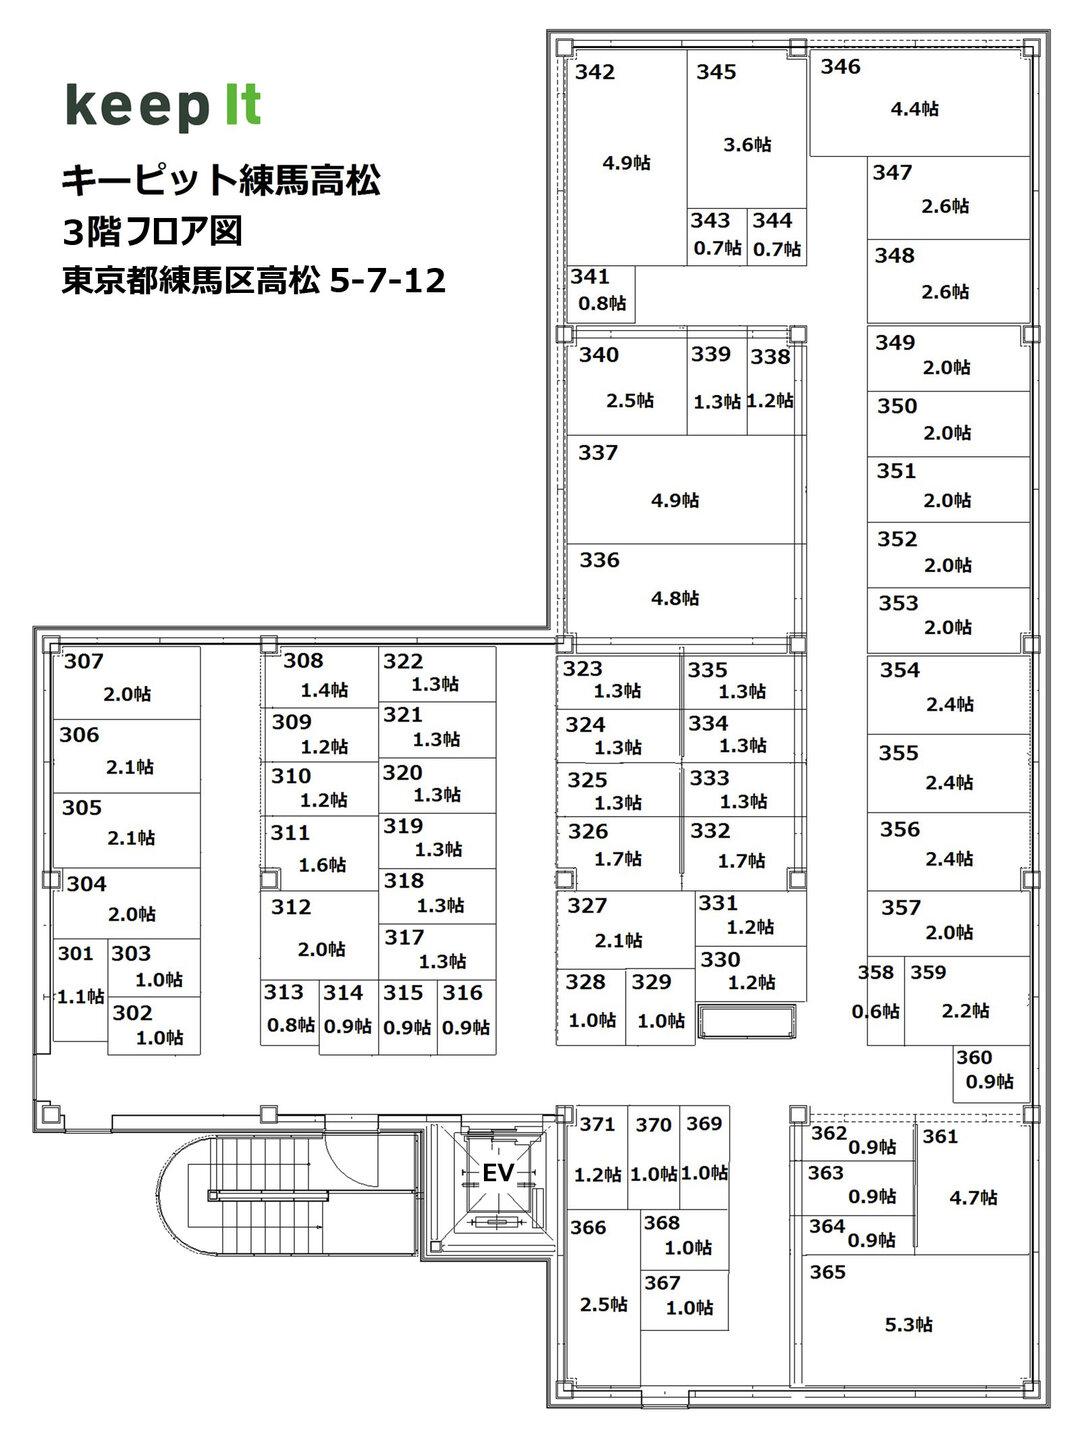 キーピット練馬高松 3F フロア図